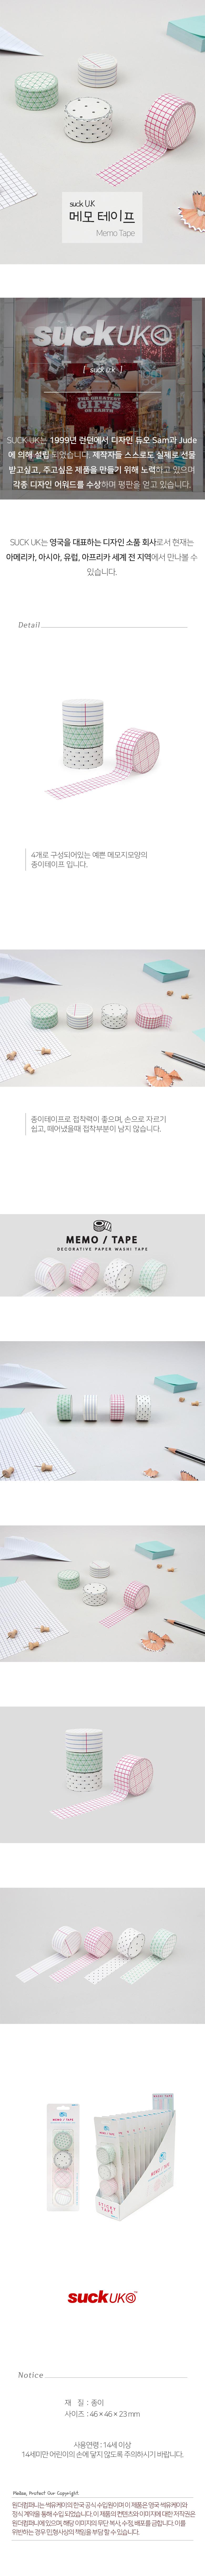 [썩유케이] 메모지 디자인 종이 마스킹 테이프 - 원더컴퍼니, 19,000원, 마스킹 테이프, 종이 마스킹테이프